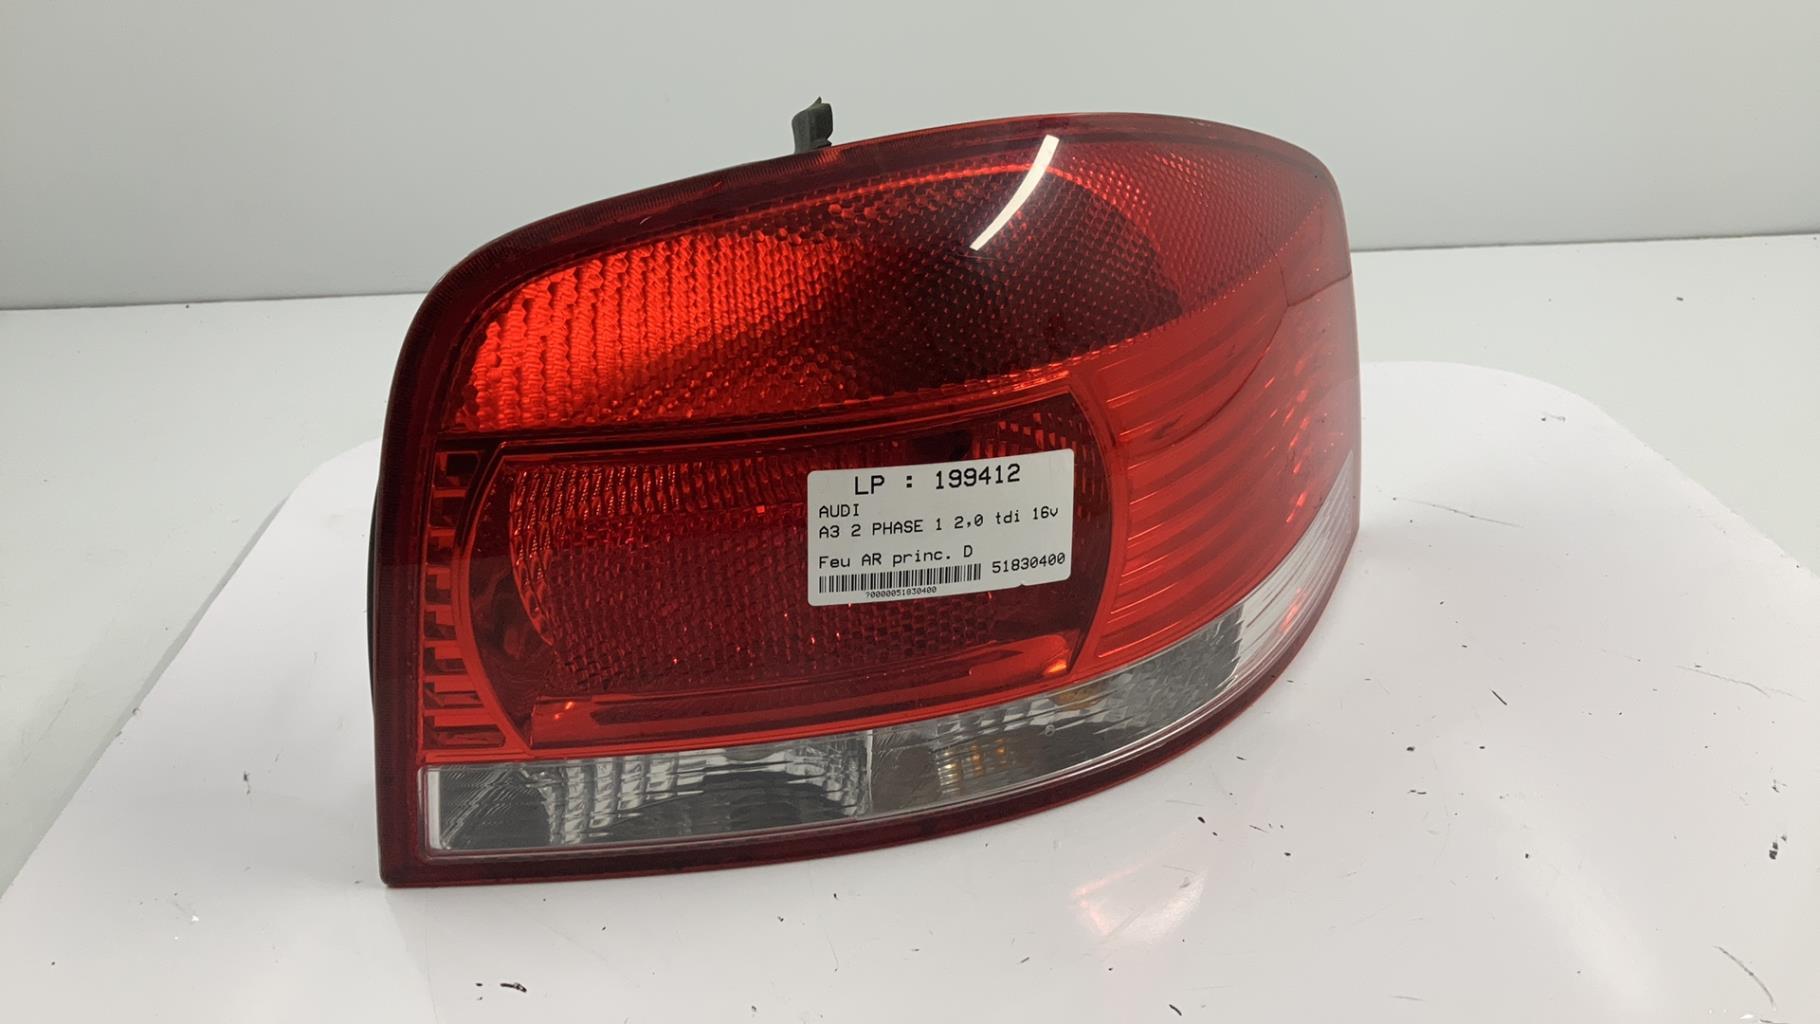 Feu arriere principal droit (feux) AUDI A3 2 PHASE 1 Diesel